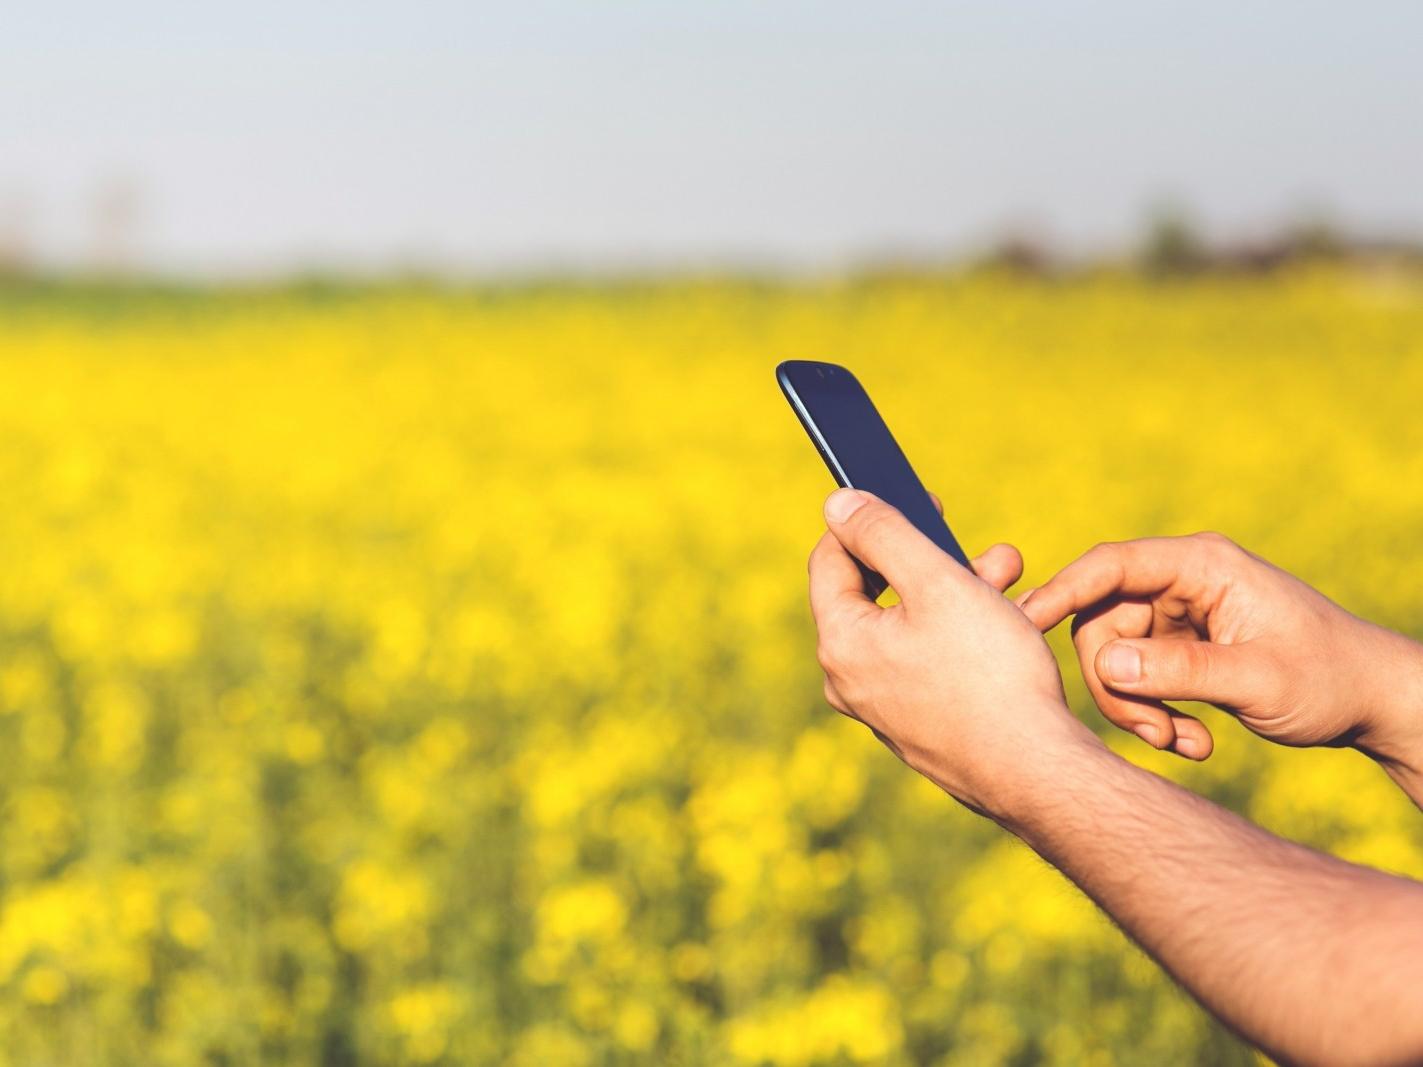 生鮮電商爭霸戰》解析生鮮產業鏈關鍵點